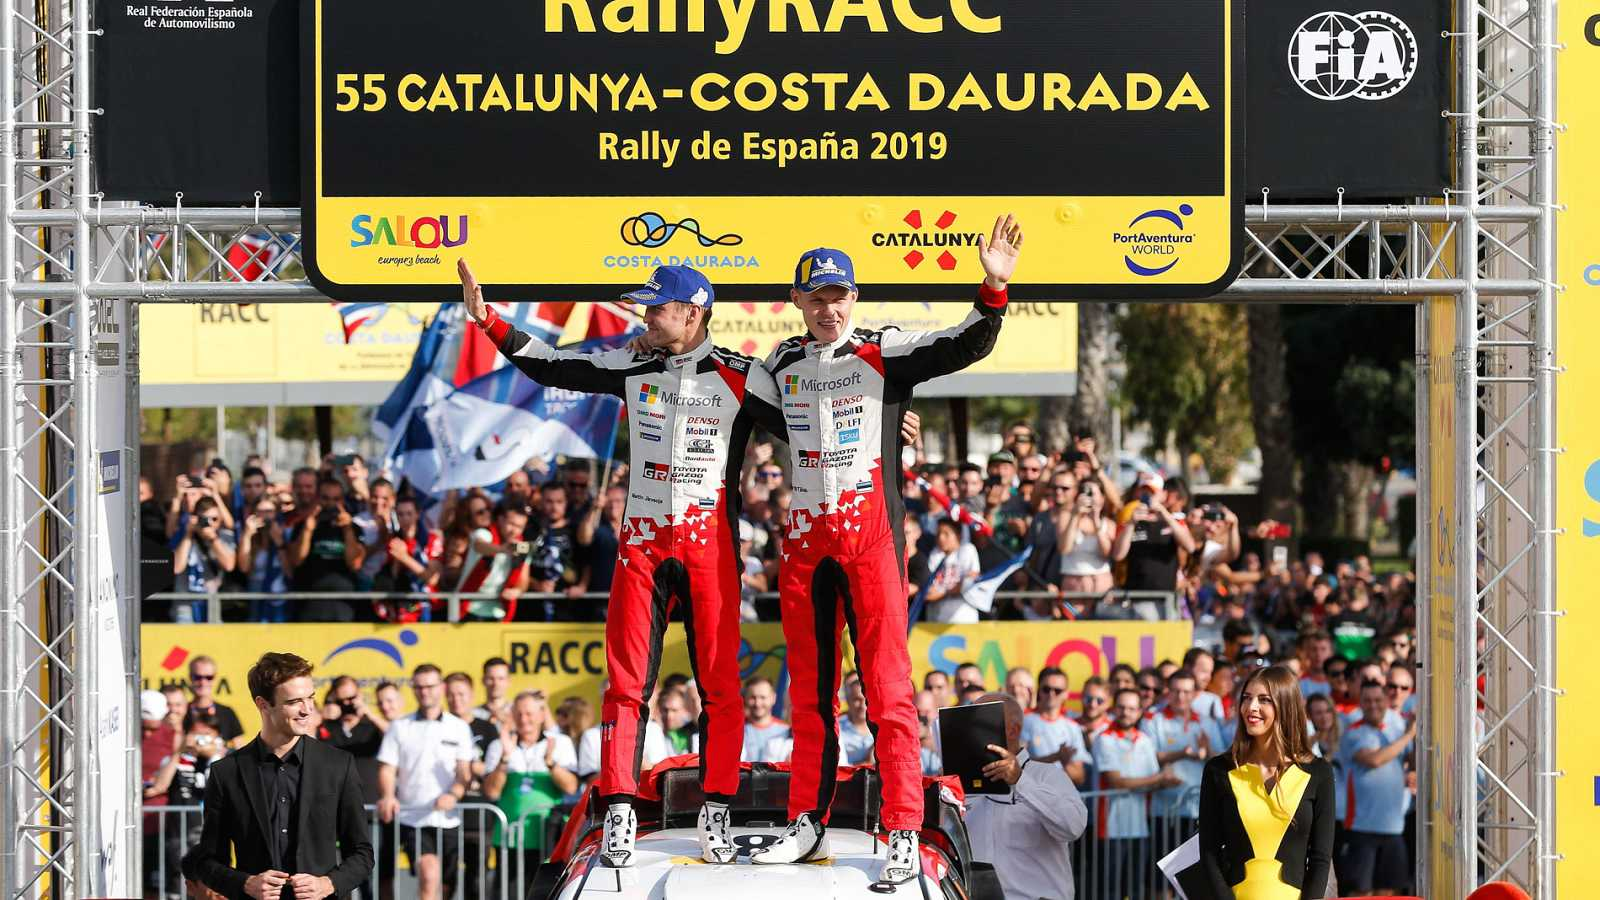 El estonio Tanak pone fin al reinado francés en el campeonato del mundo de rallies